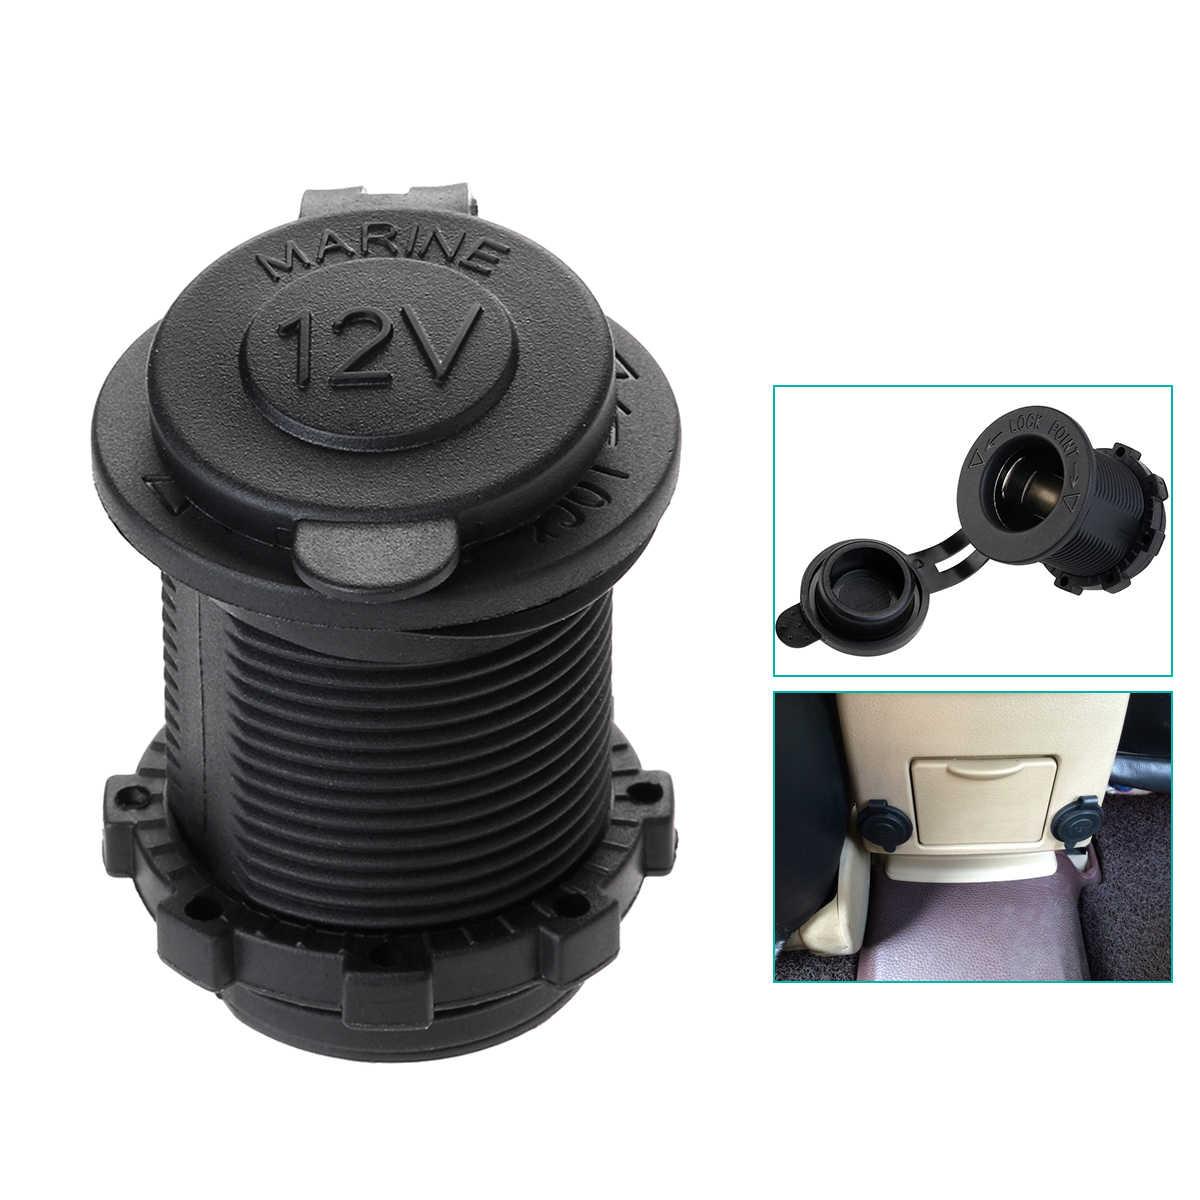 Universal 12V-24V Waterproof Marine Boat Car Motorbike Cigarette Lighter Power Supply Socket Outlet Adapter Plug